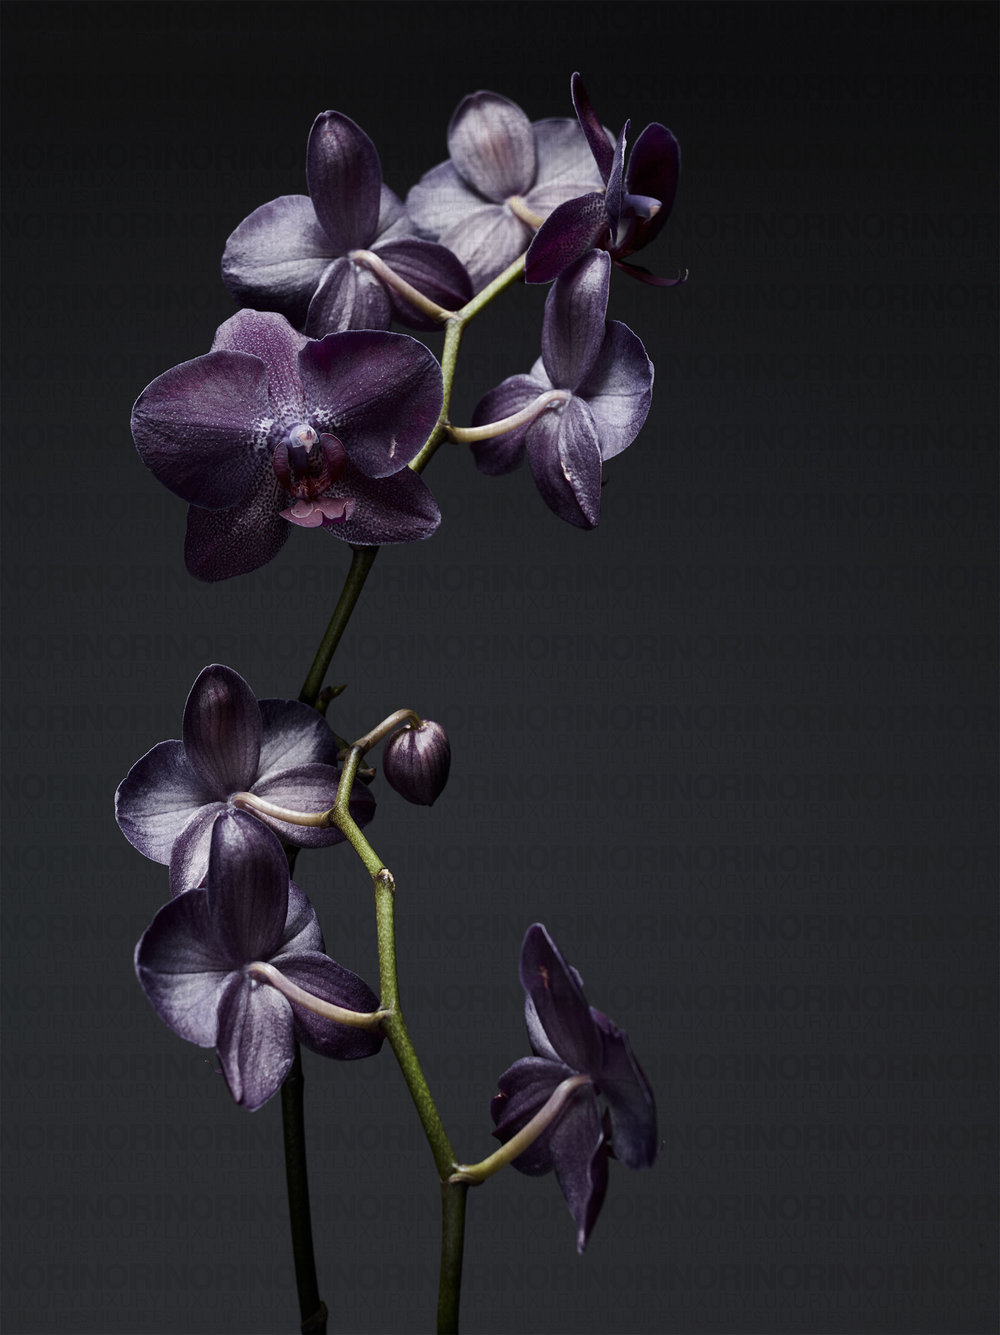 022218_flower182445.jpg